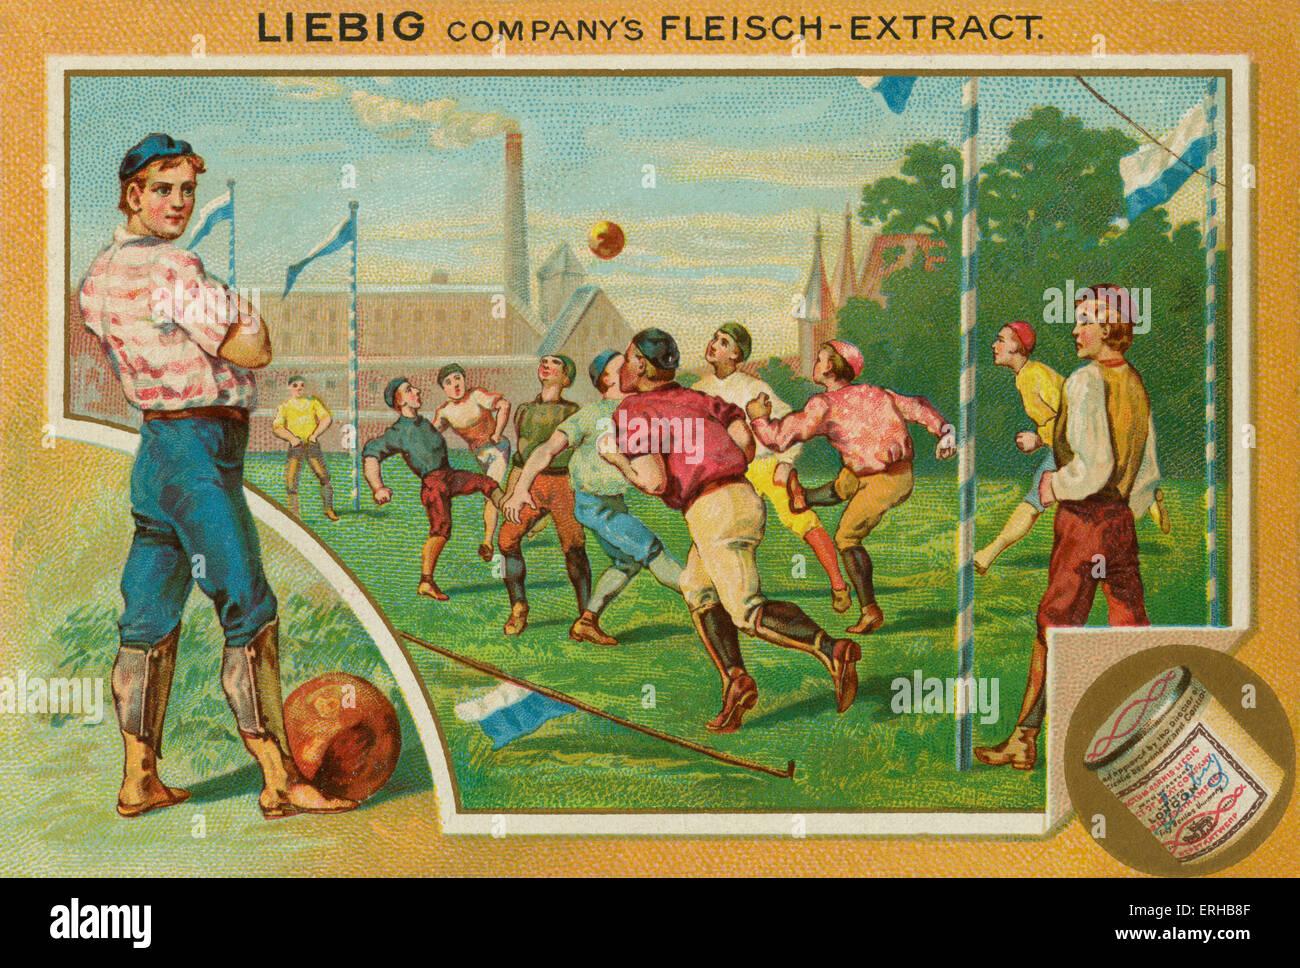 Ein Fußballspiel.  Liebig-Karte, Sport, 1896. Stockbild